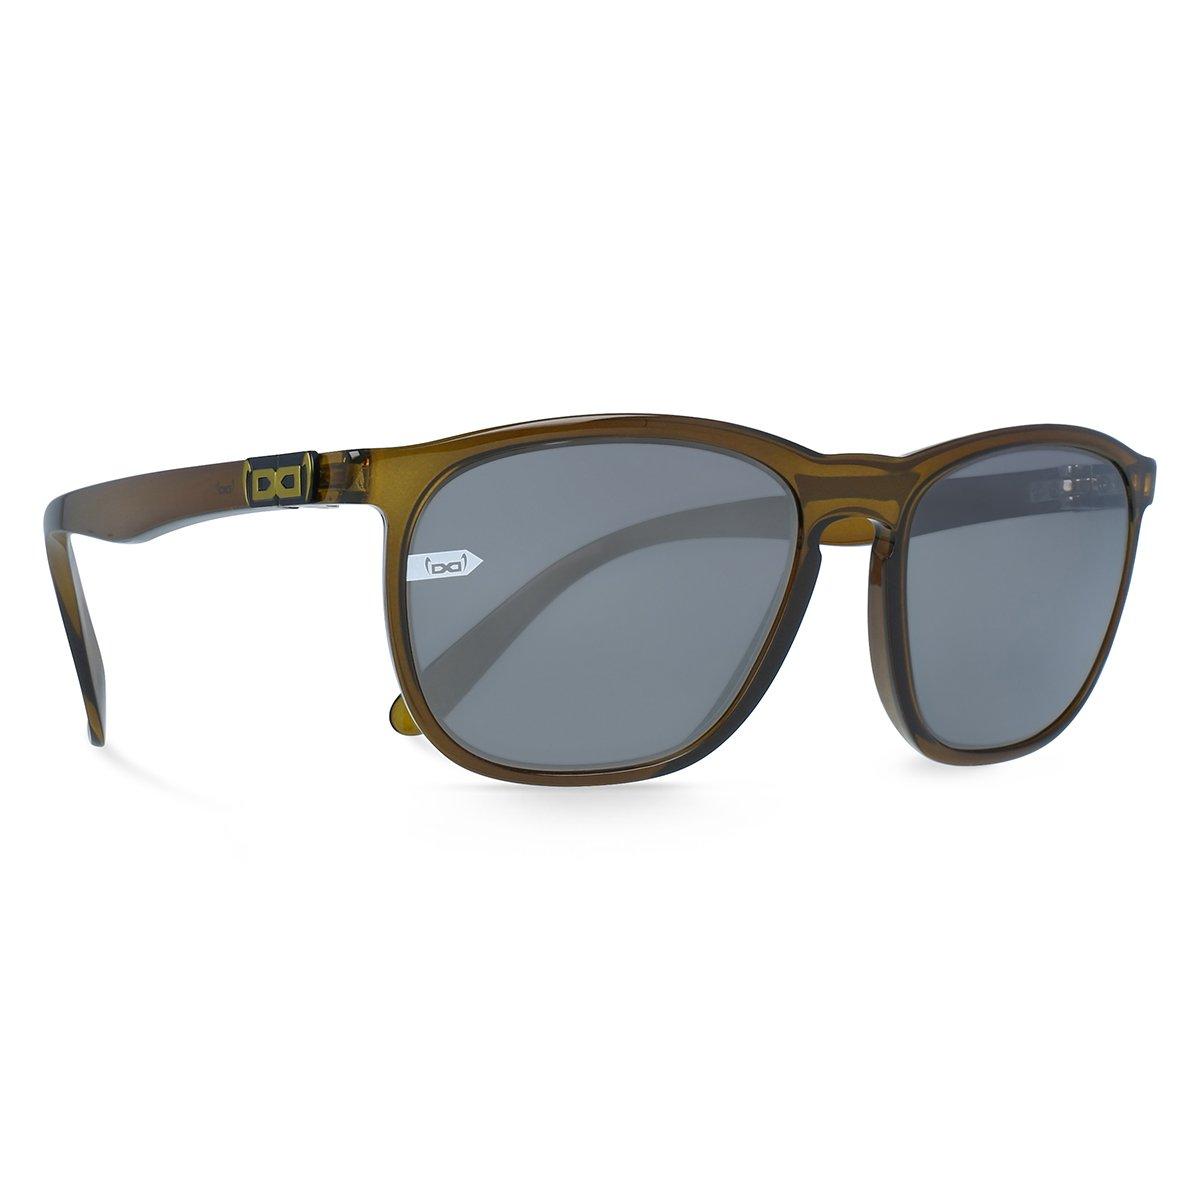 Gloryfy unbreakable eyewear Sonnenbrille Gi13 Soho Sun olive, grün